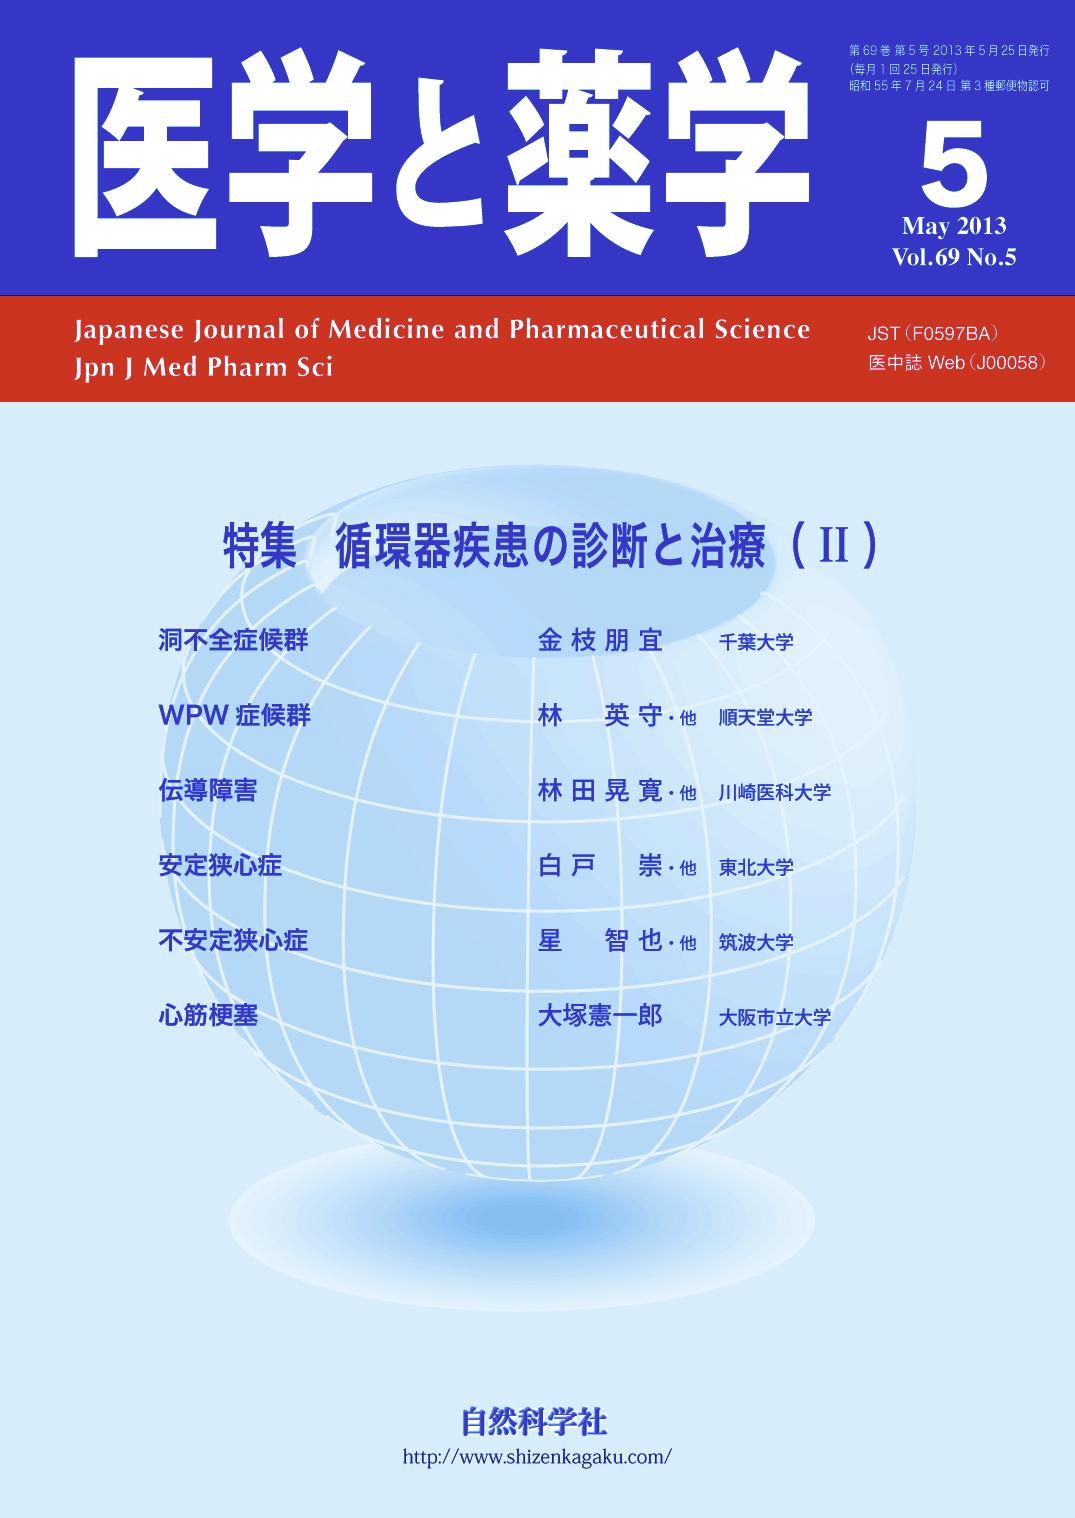 医学と薬学 69巻5号2013年5月